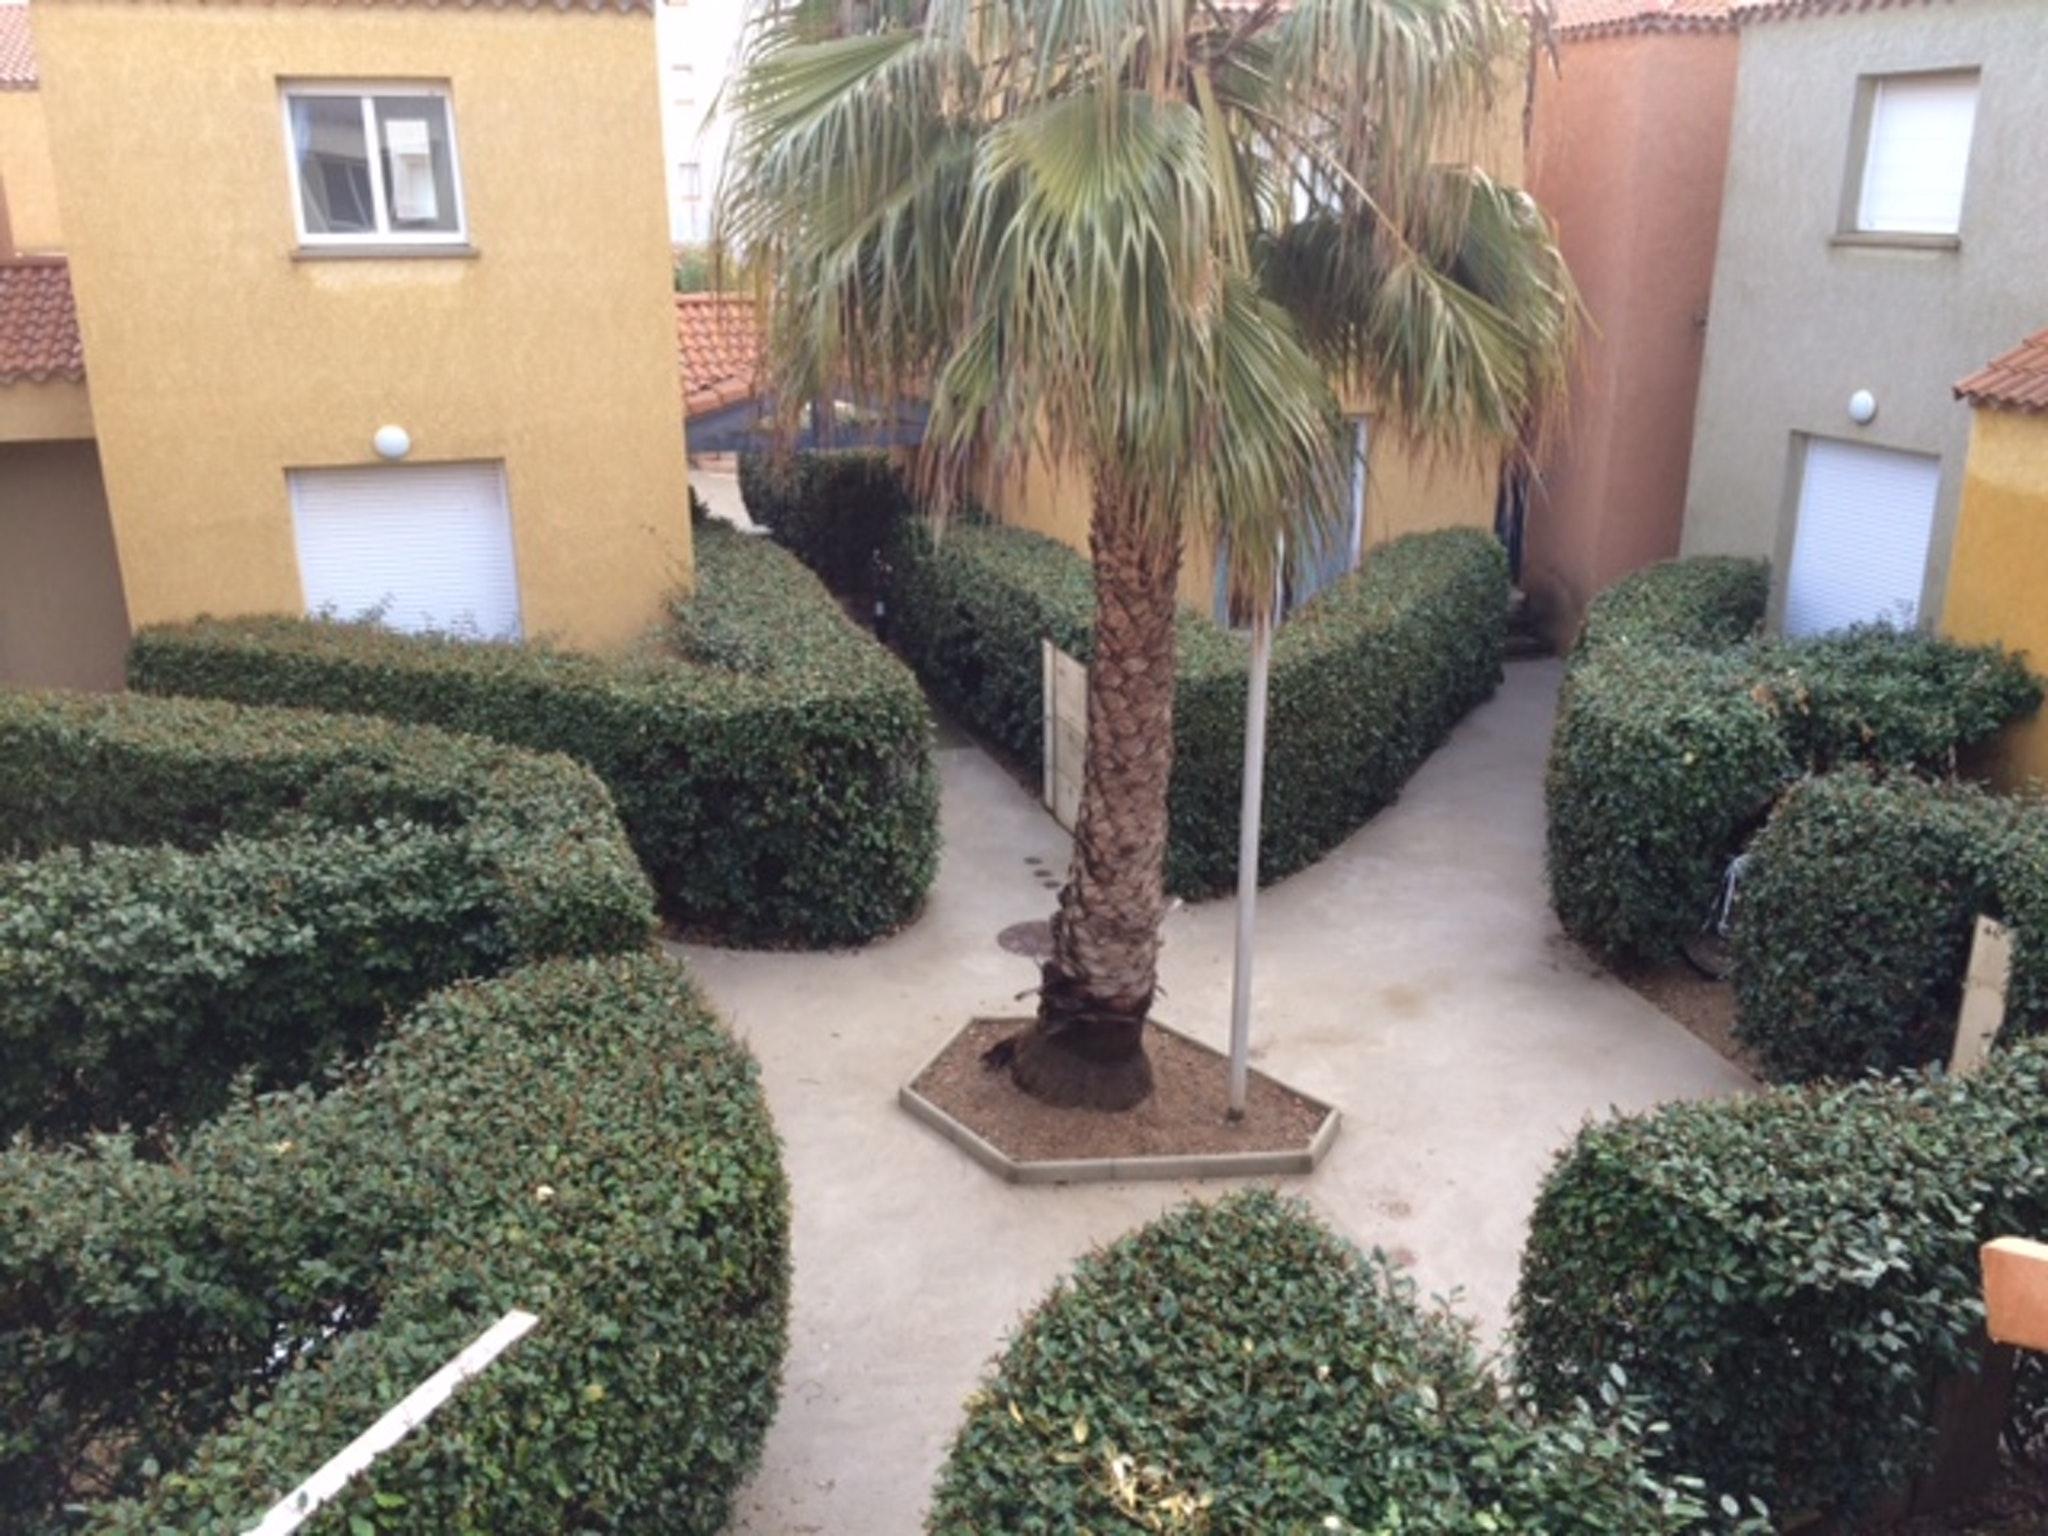 Ferienhaus Villa mit 2 Zimmern in Valras-Plage mit Pool und eingezäuntem Garten - 50 m vom Strand ent (2218190), Valras Plage, Mittelmeerküste Hérault, Languedoc-Roussillon, Frankreich, Bild 30